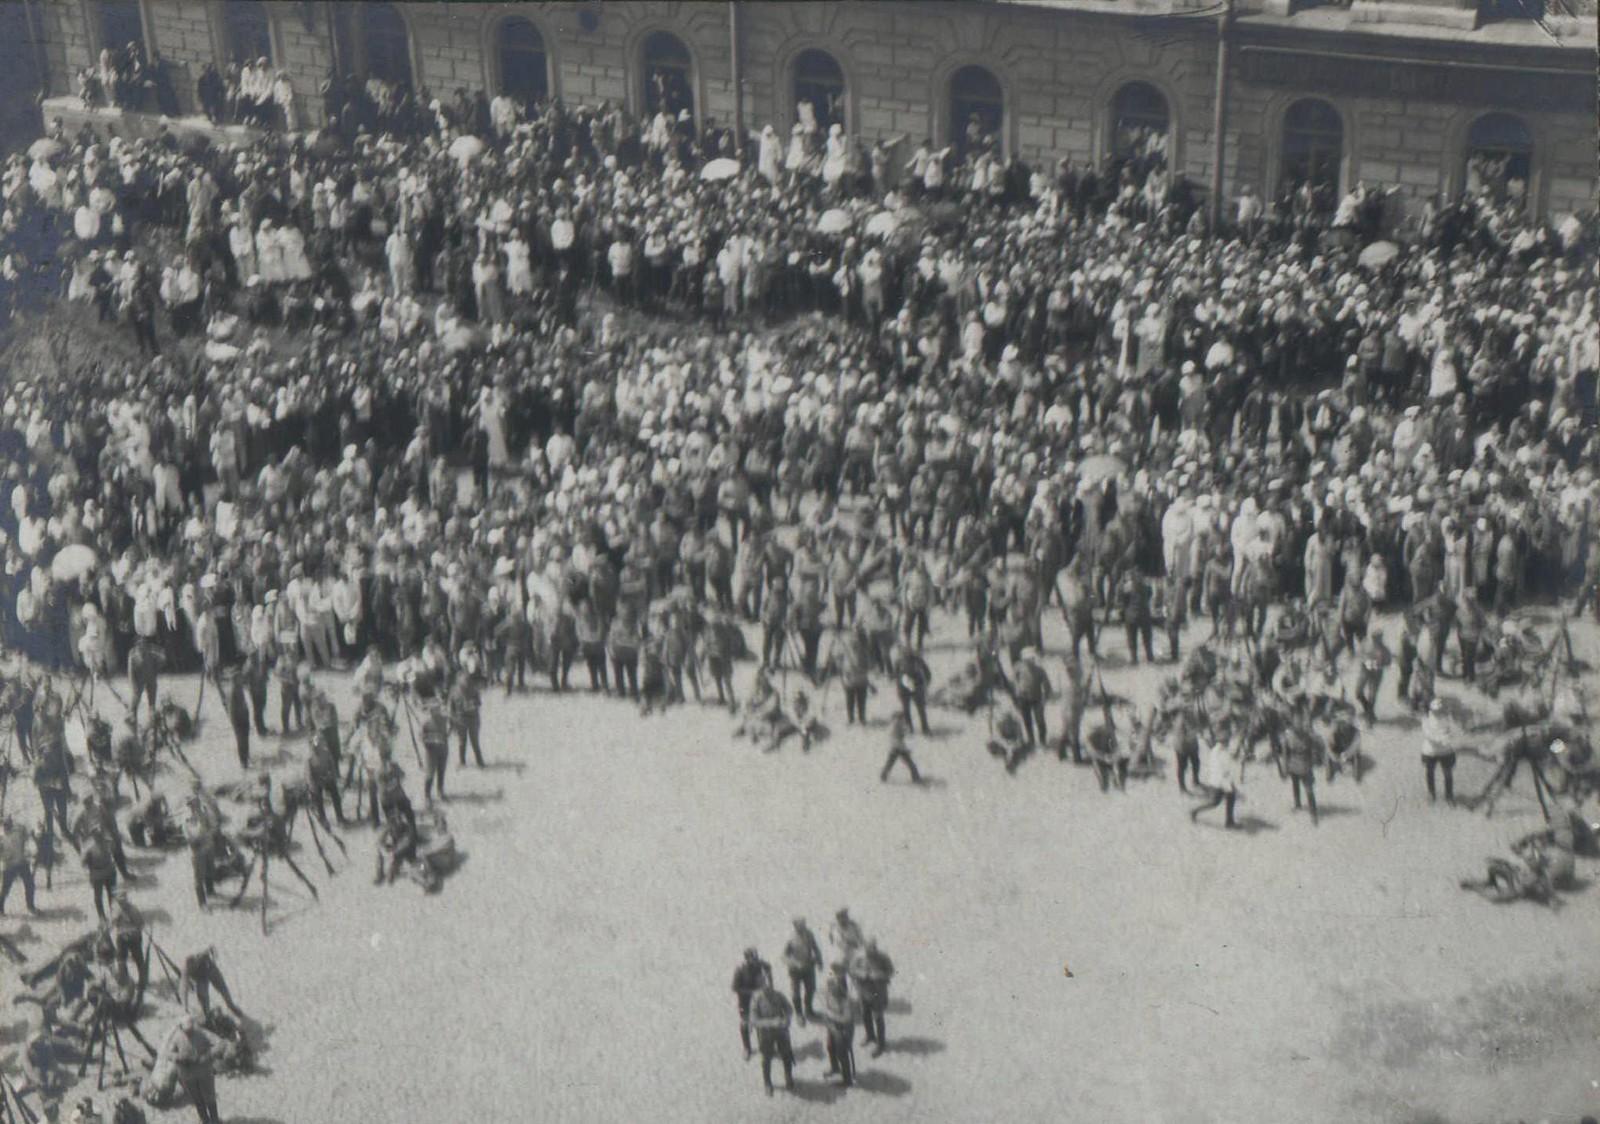 146. 1919. Панихида по павшим воинам в Харькове, июнь